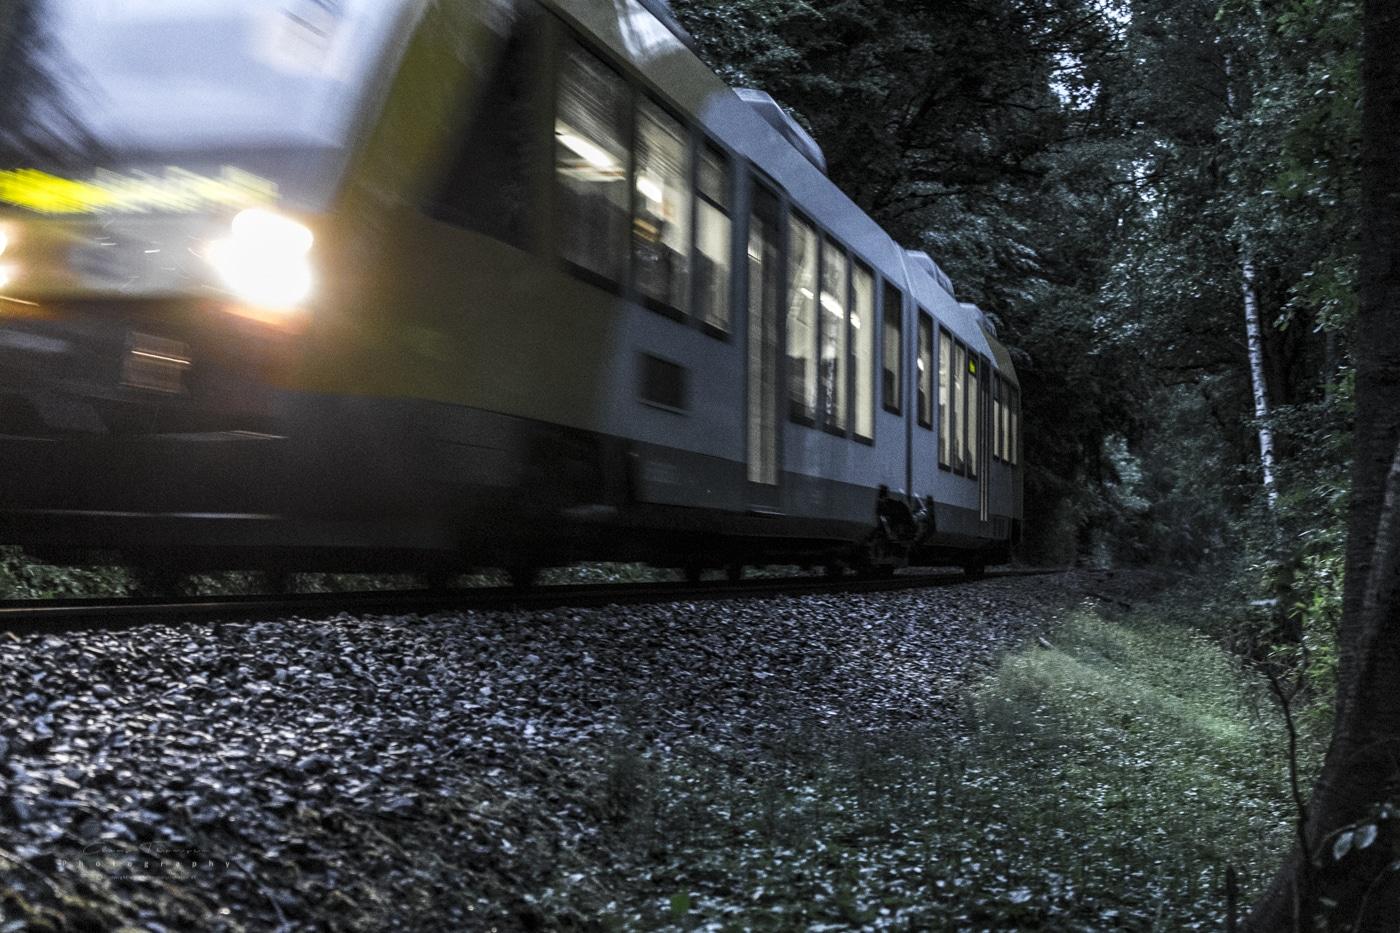 Lokalbanen